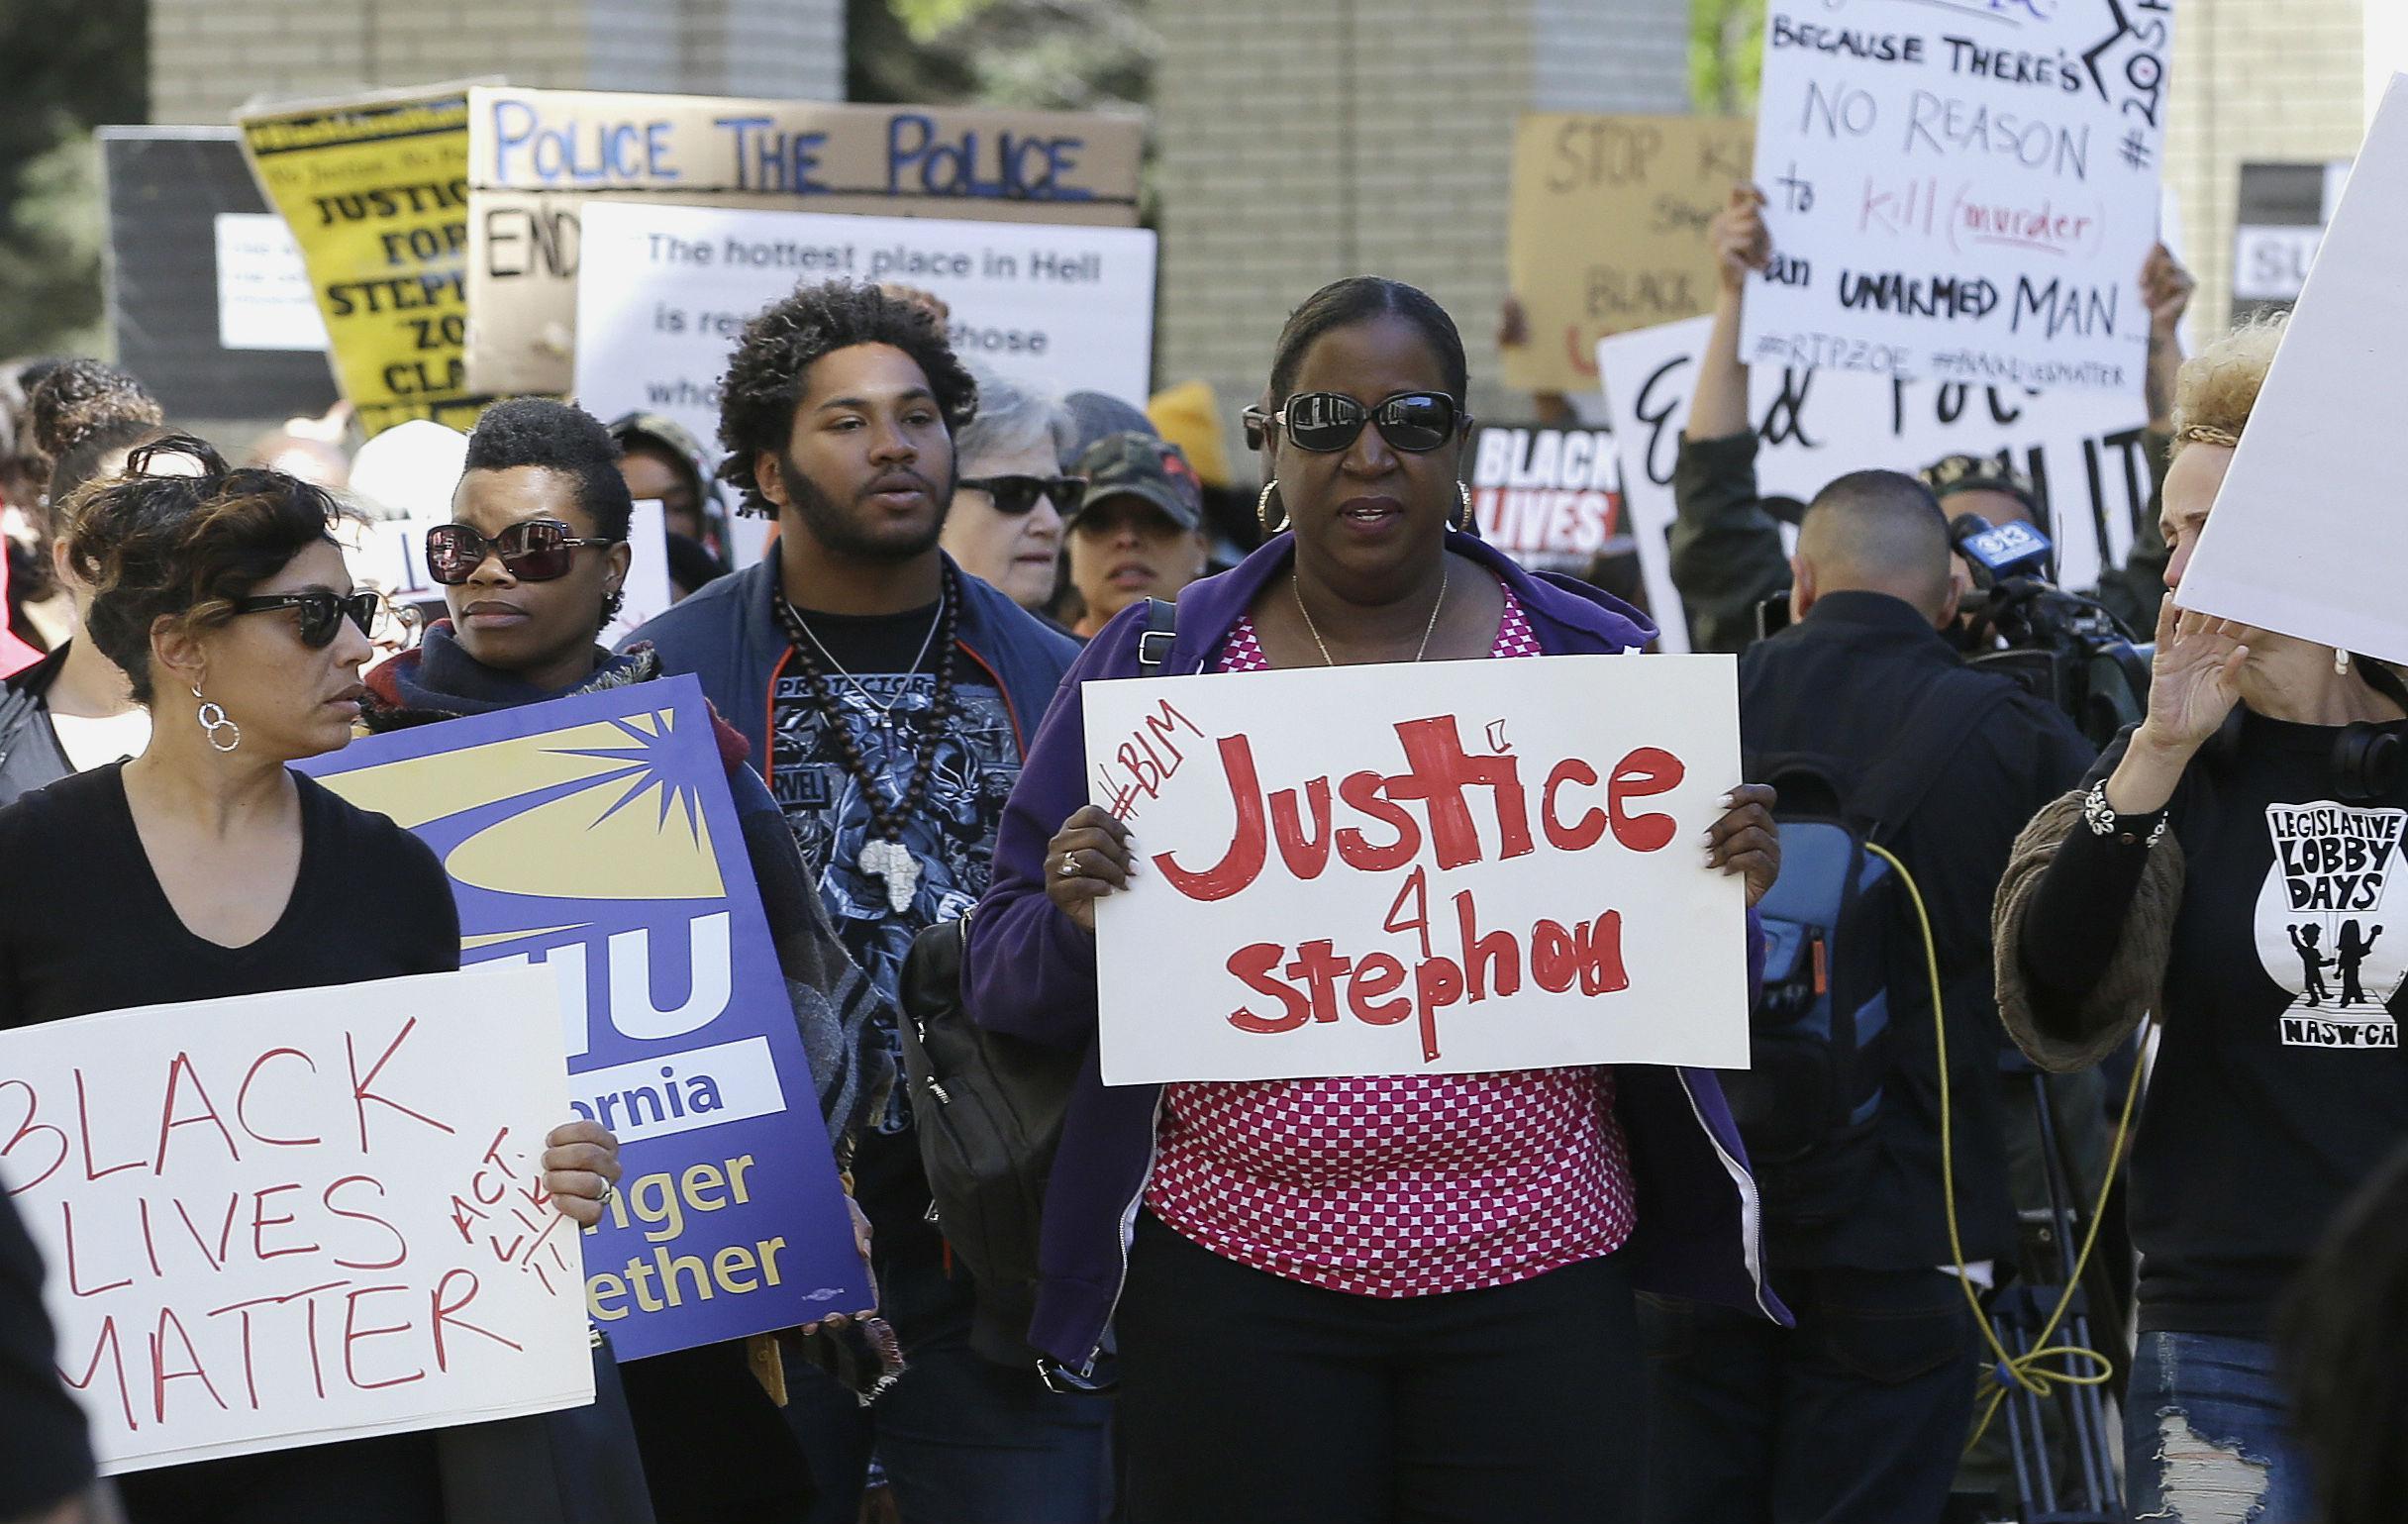 hundreds protest in sacramento after stephon clark autopsy shows police shot unarmed black man. Black Bedroom Furniture Sets. Home Design Ideas